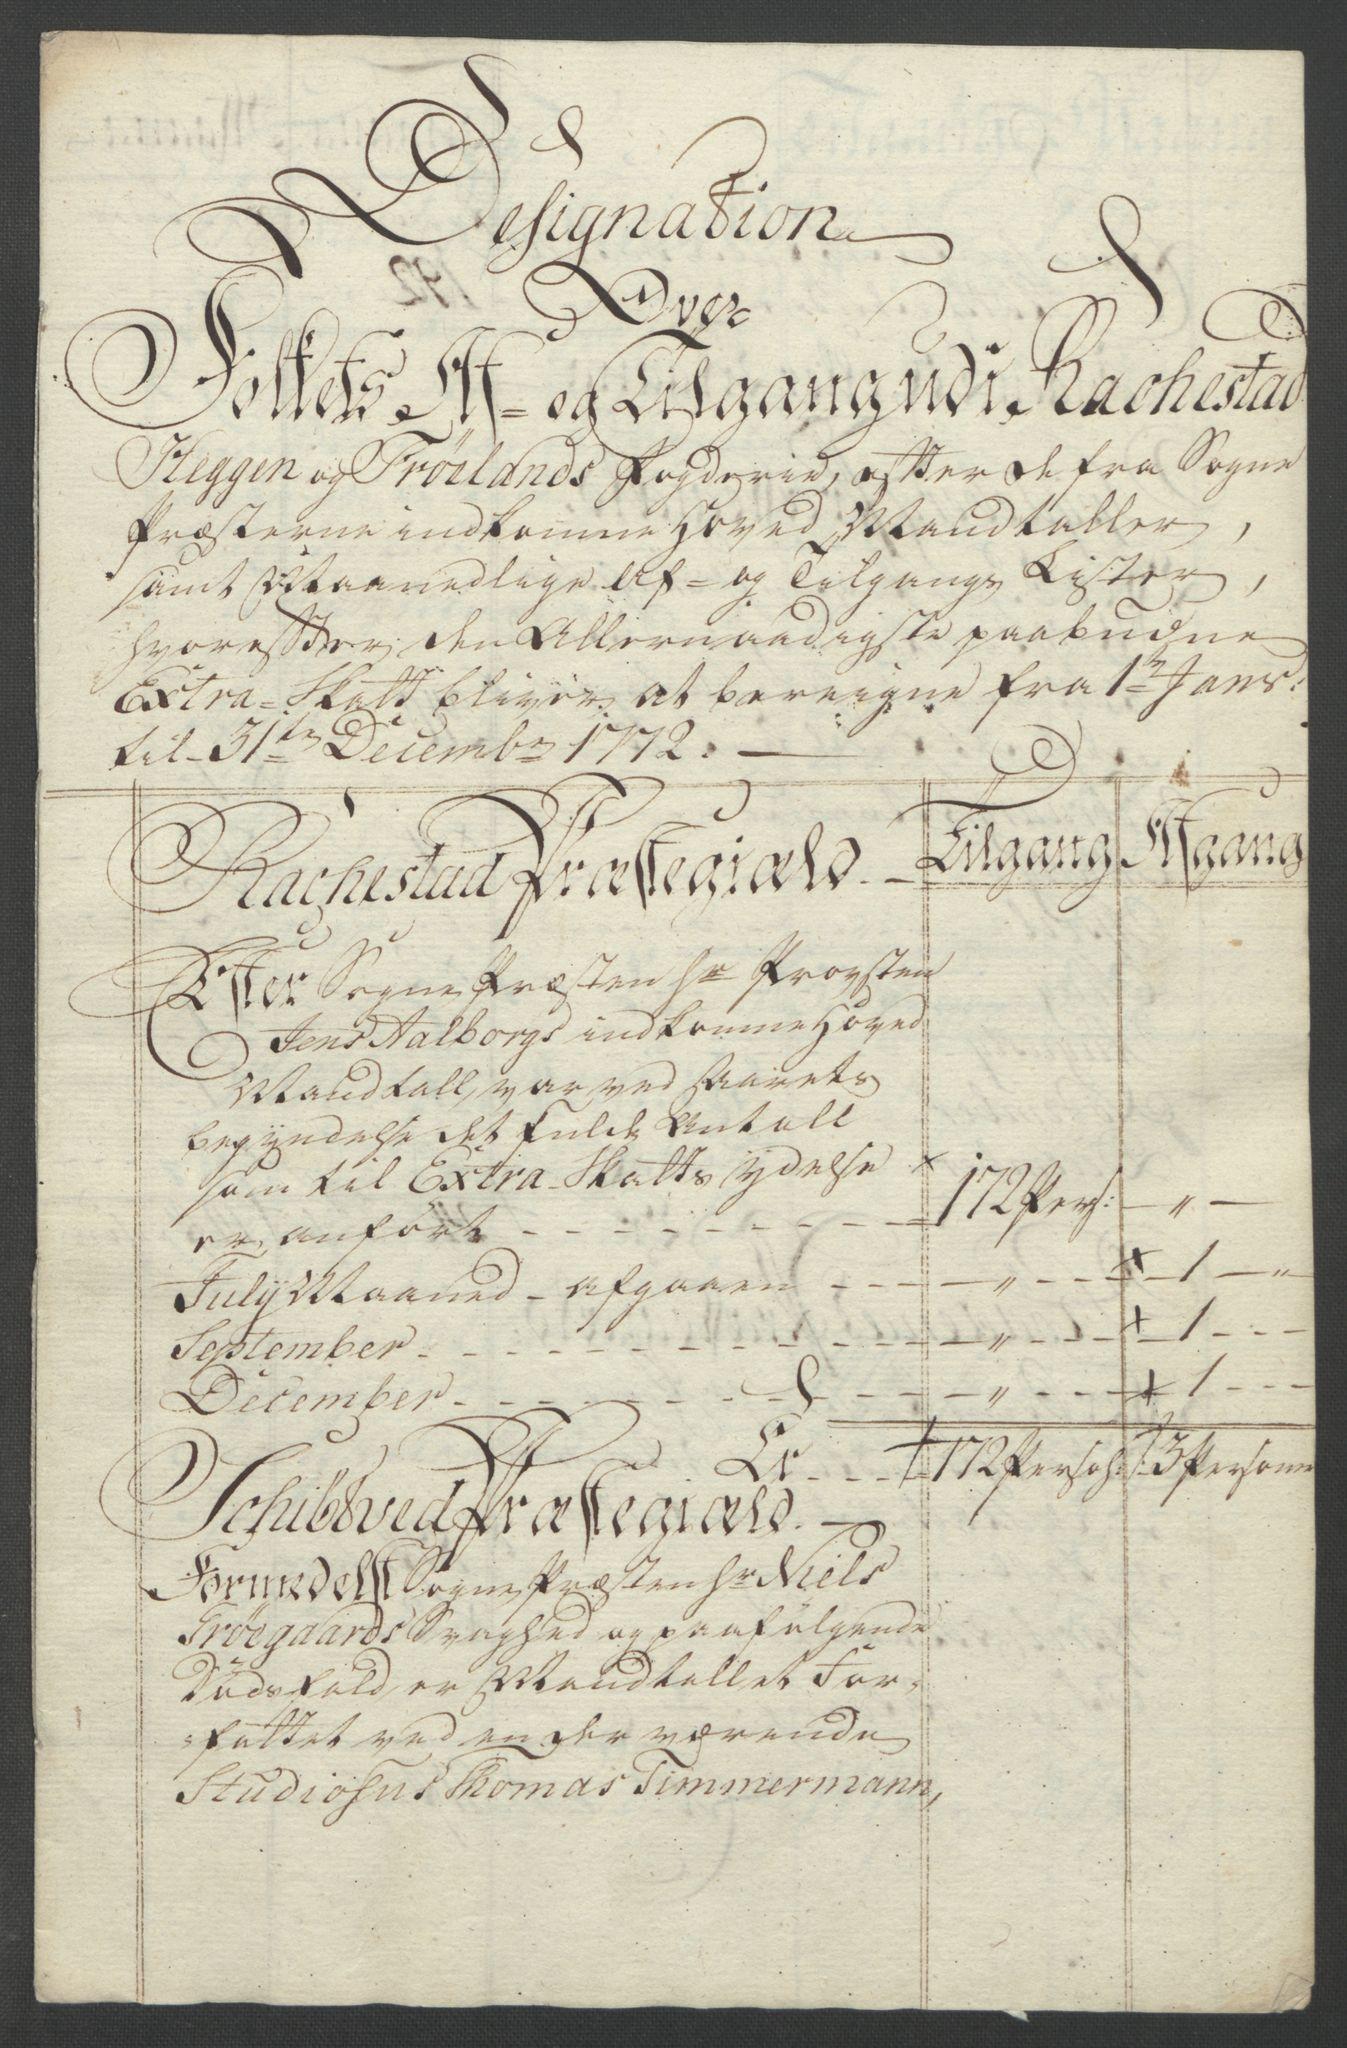 RA, Rentekammeret inntil 1814, Reviderte regnskaper, Fogderegnskap, R07/L0413: Ekstraskatten Rakkestad, Heggen og Frøland, 1762-1772, s. 527